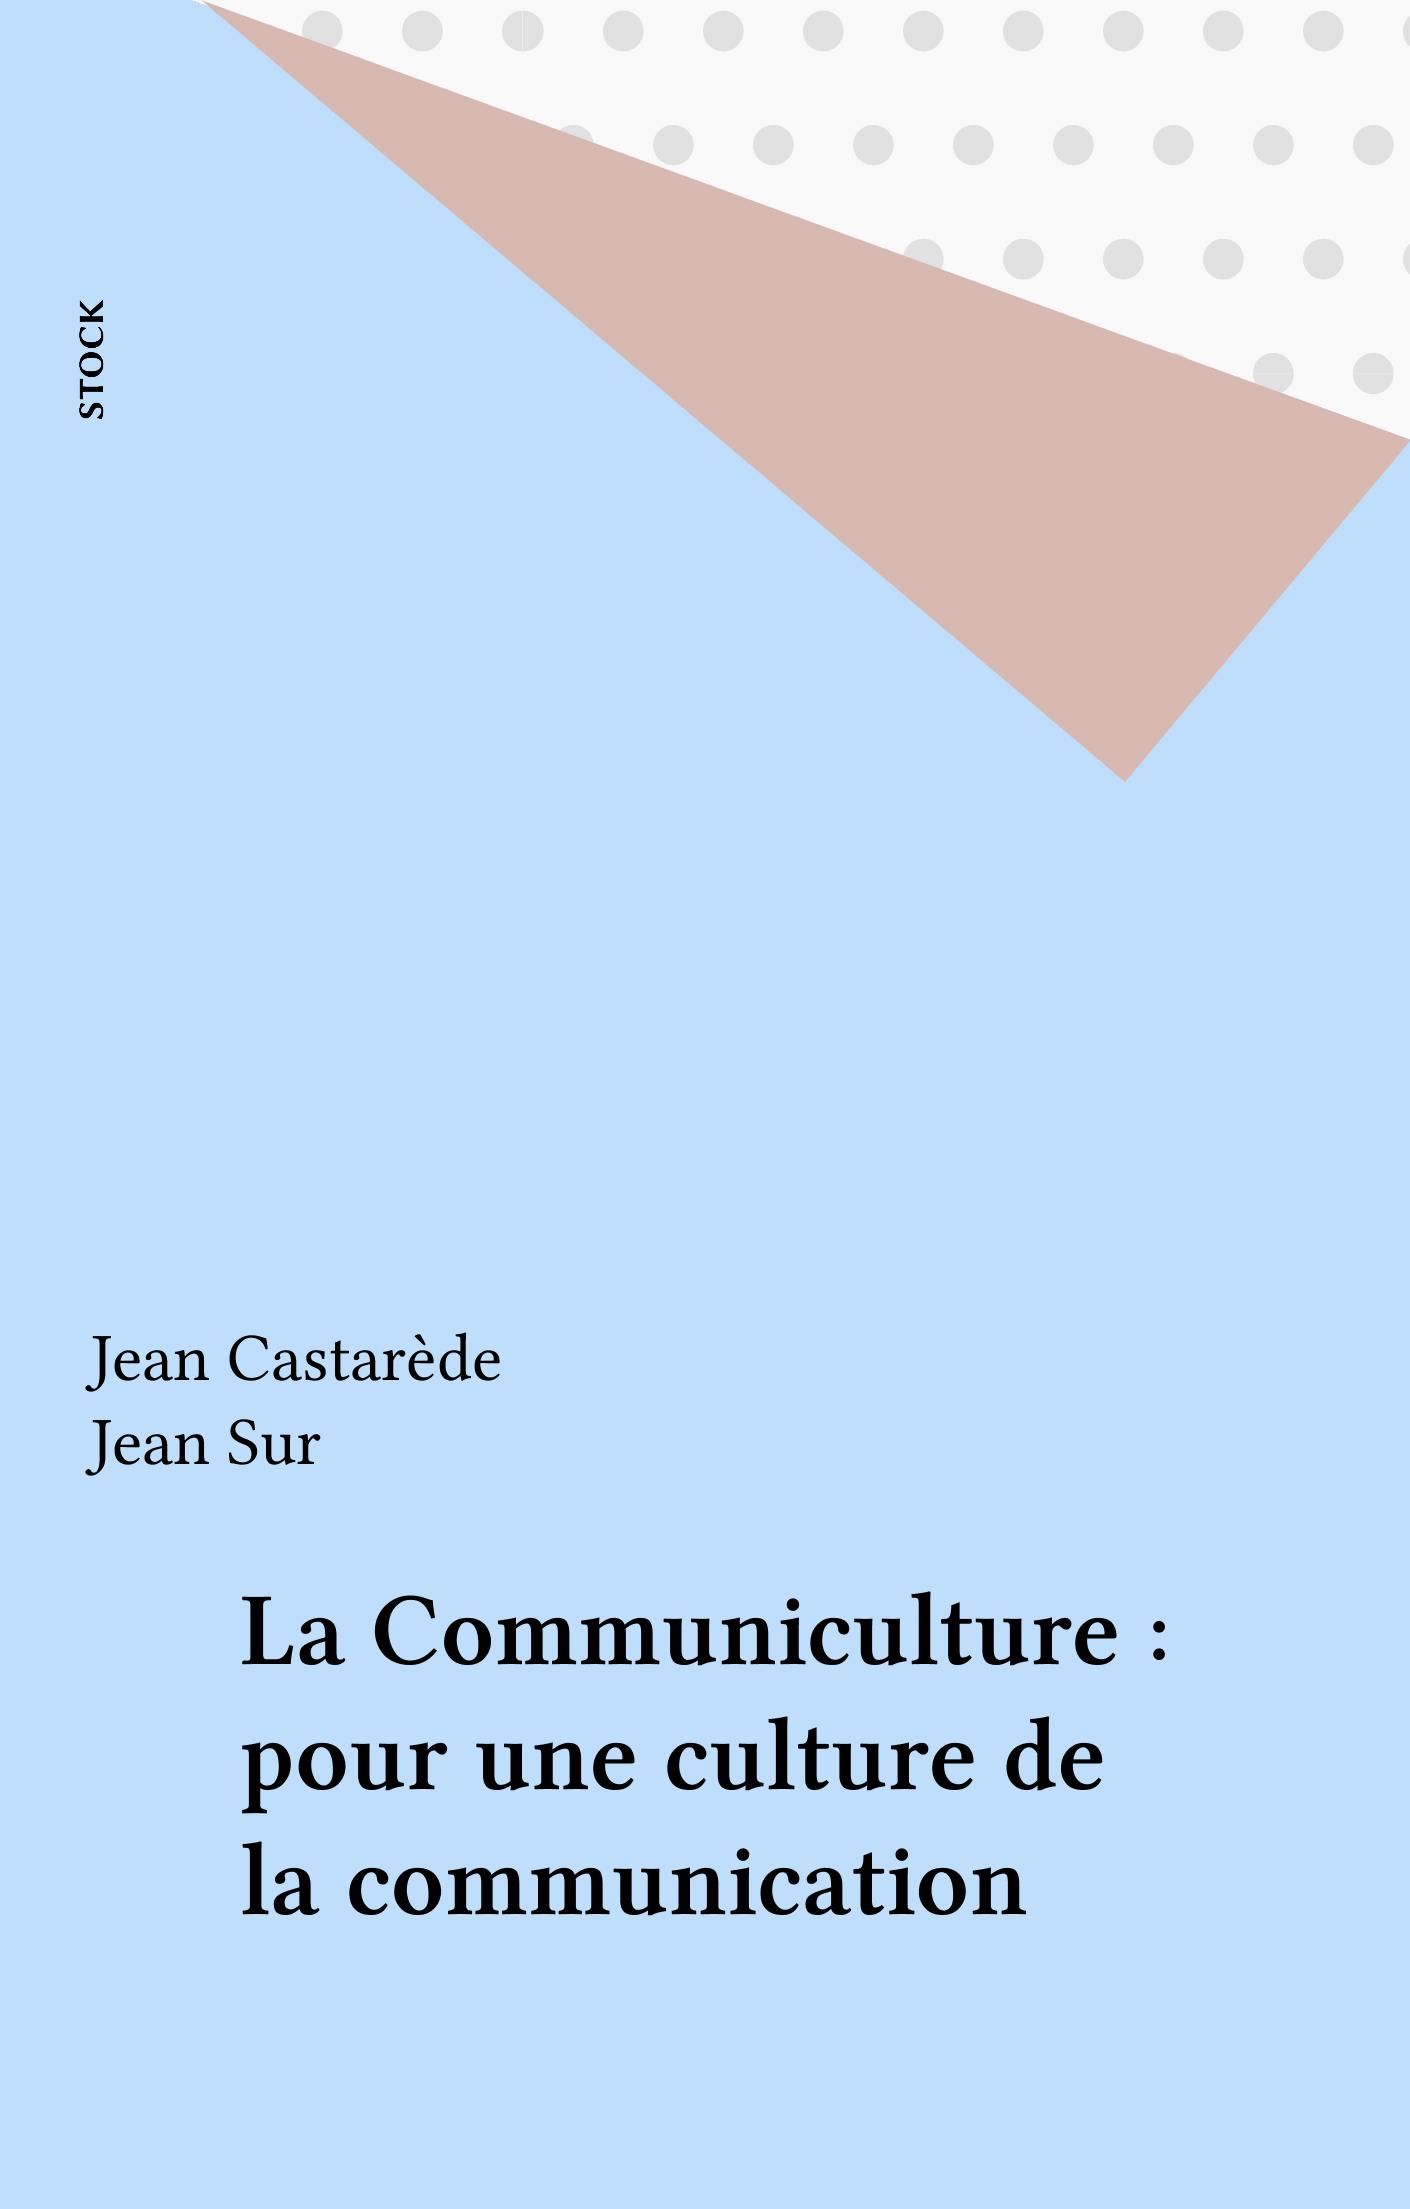 La Communiculture : pour une culture de la communication